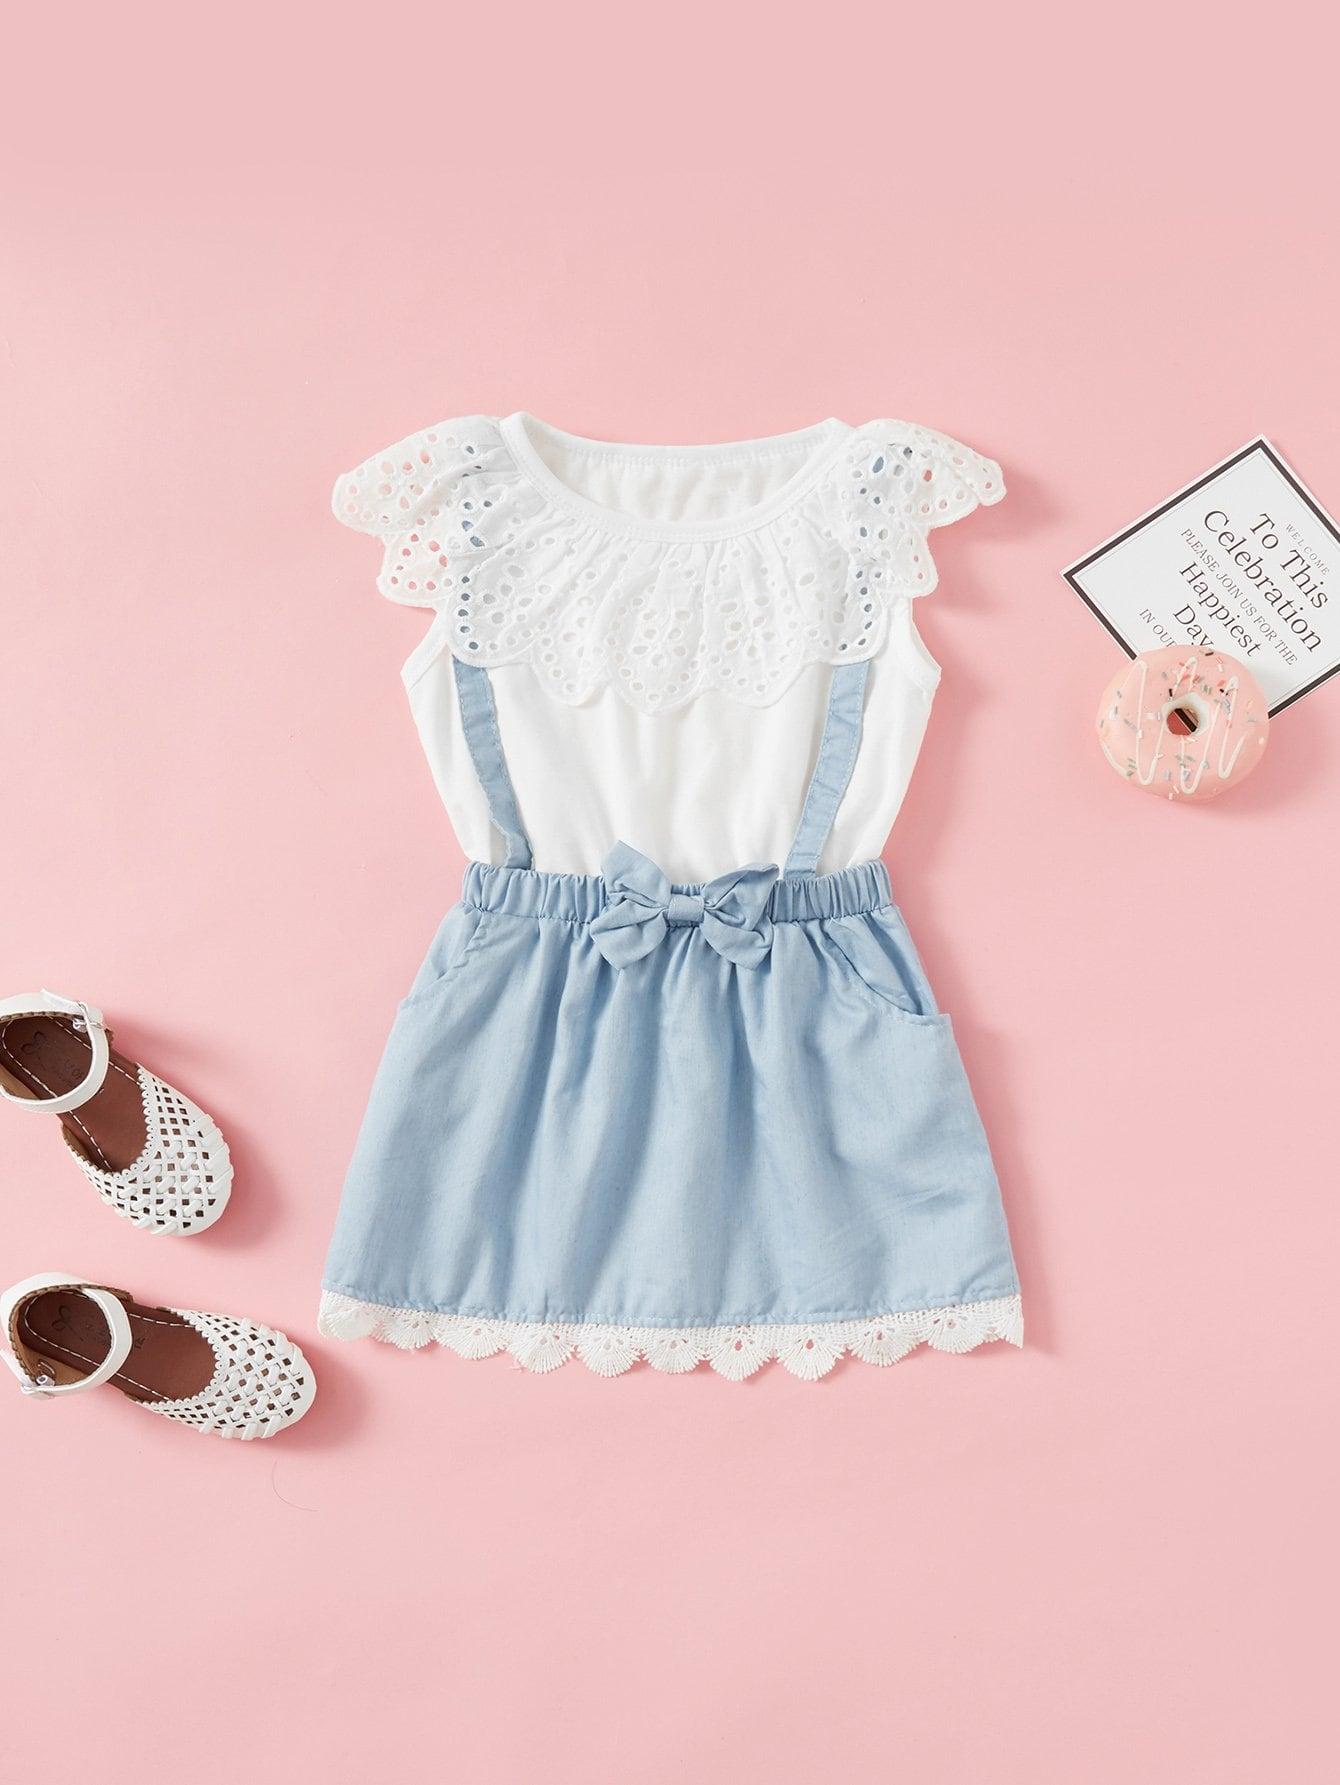 Купить Платье 2 в 1 с оборками и вышивкой для детей, null, SheIn